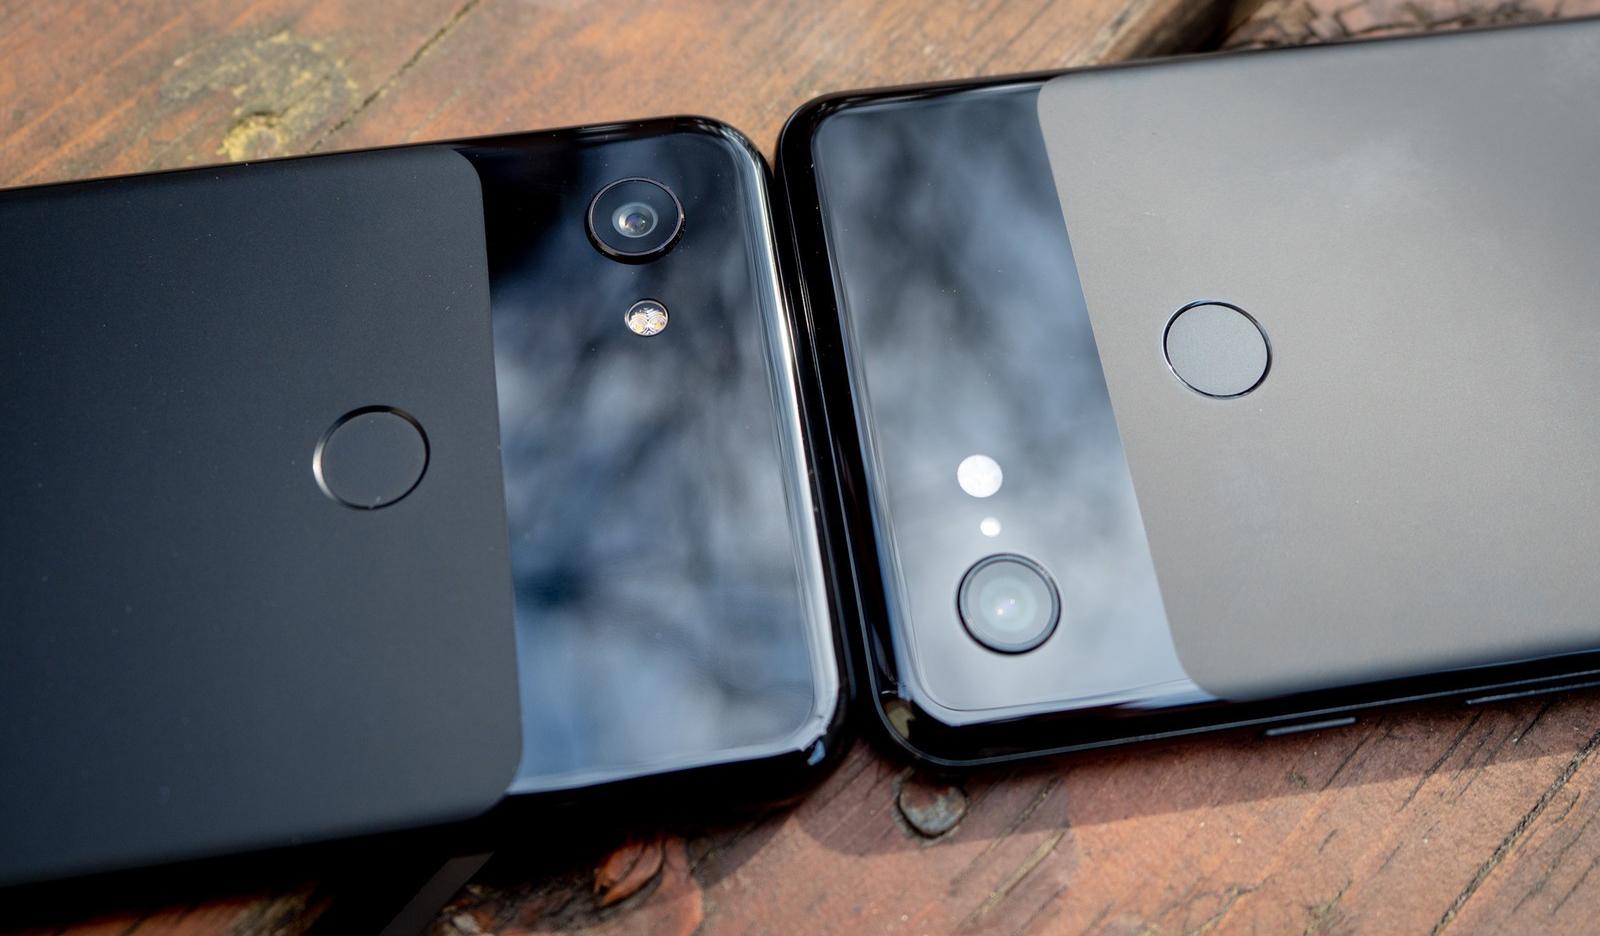 Встречаем Google Pixel 3a и Pixel 3a XL, удешевленные версии лучших камерофонов 2018 года